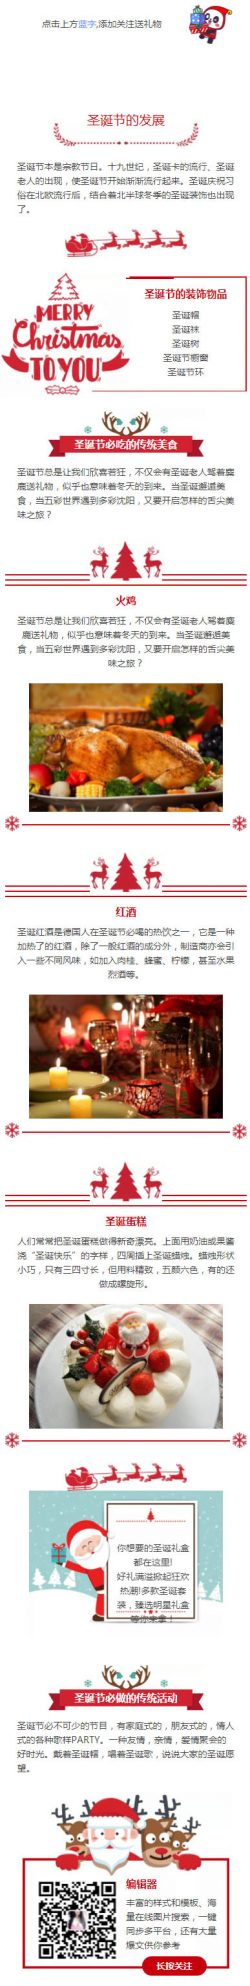 圣诞节宗教节日